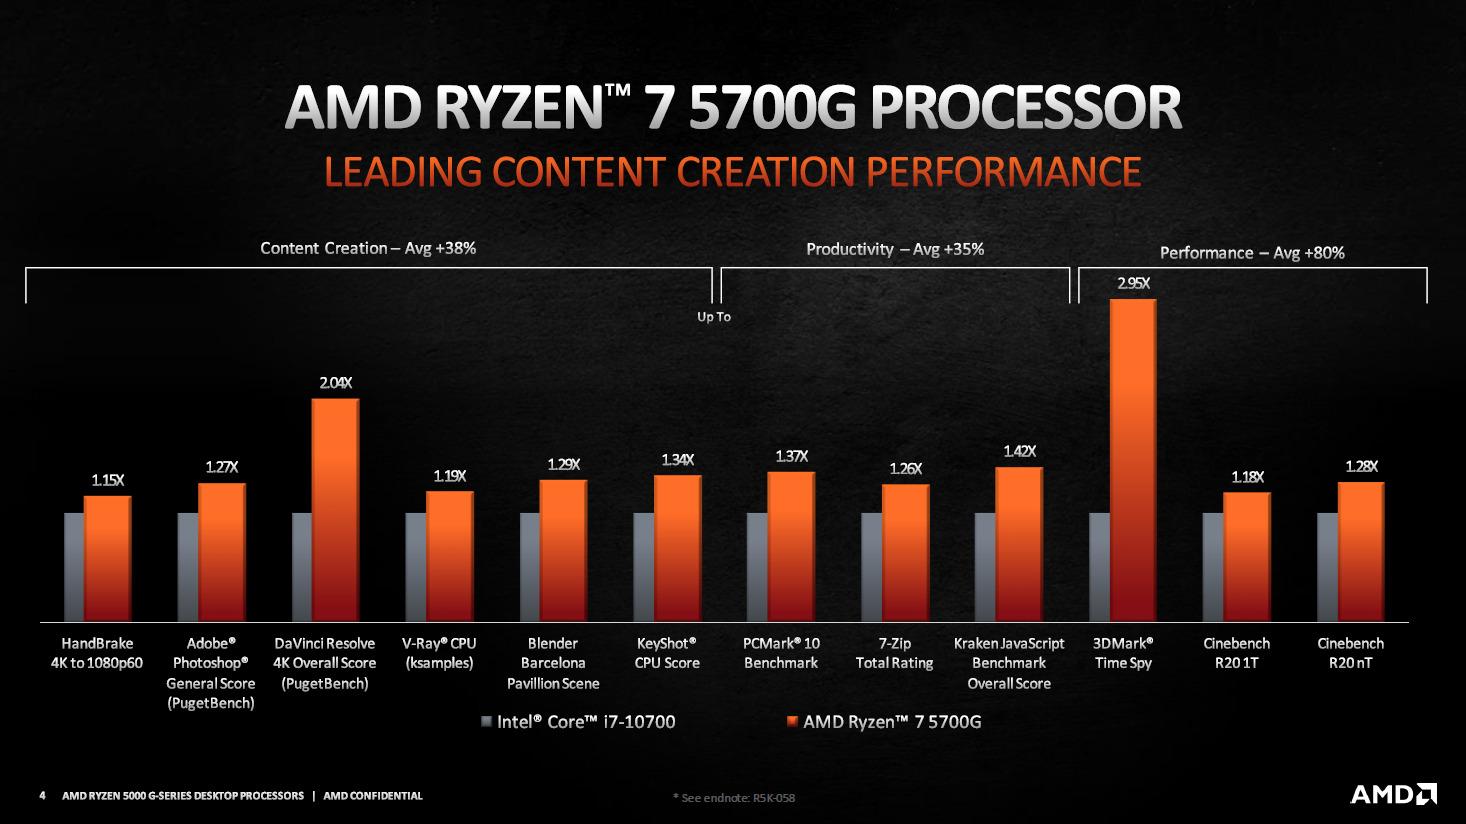 AMD Ryzen 5000G 3 - Ryzen 7 5700G vs Intel Core i7 10700